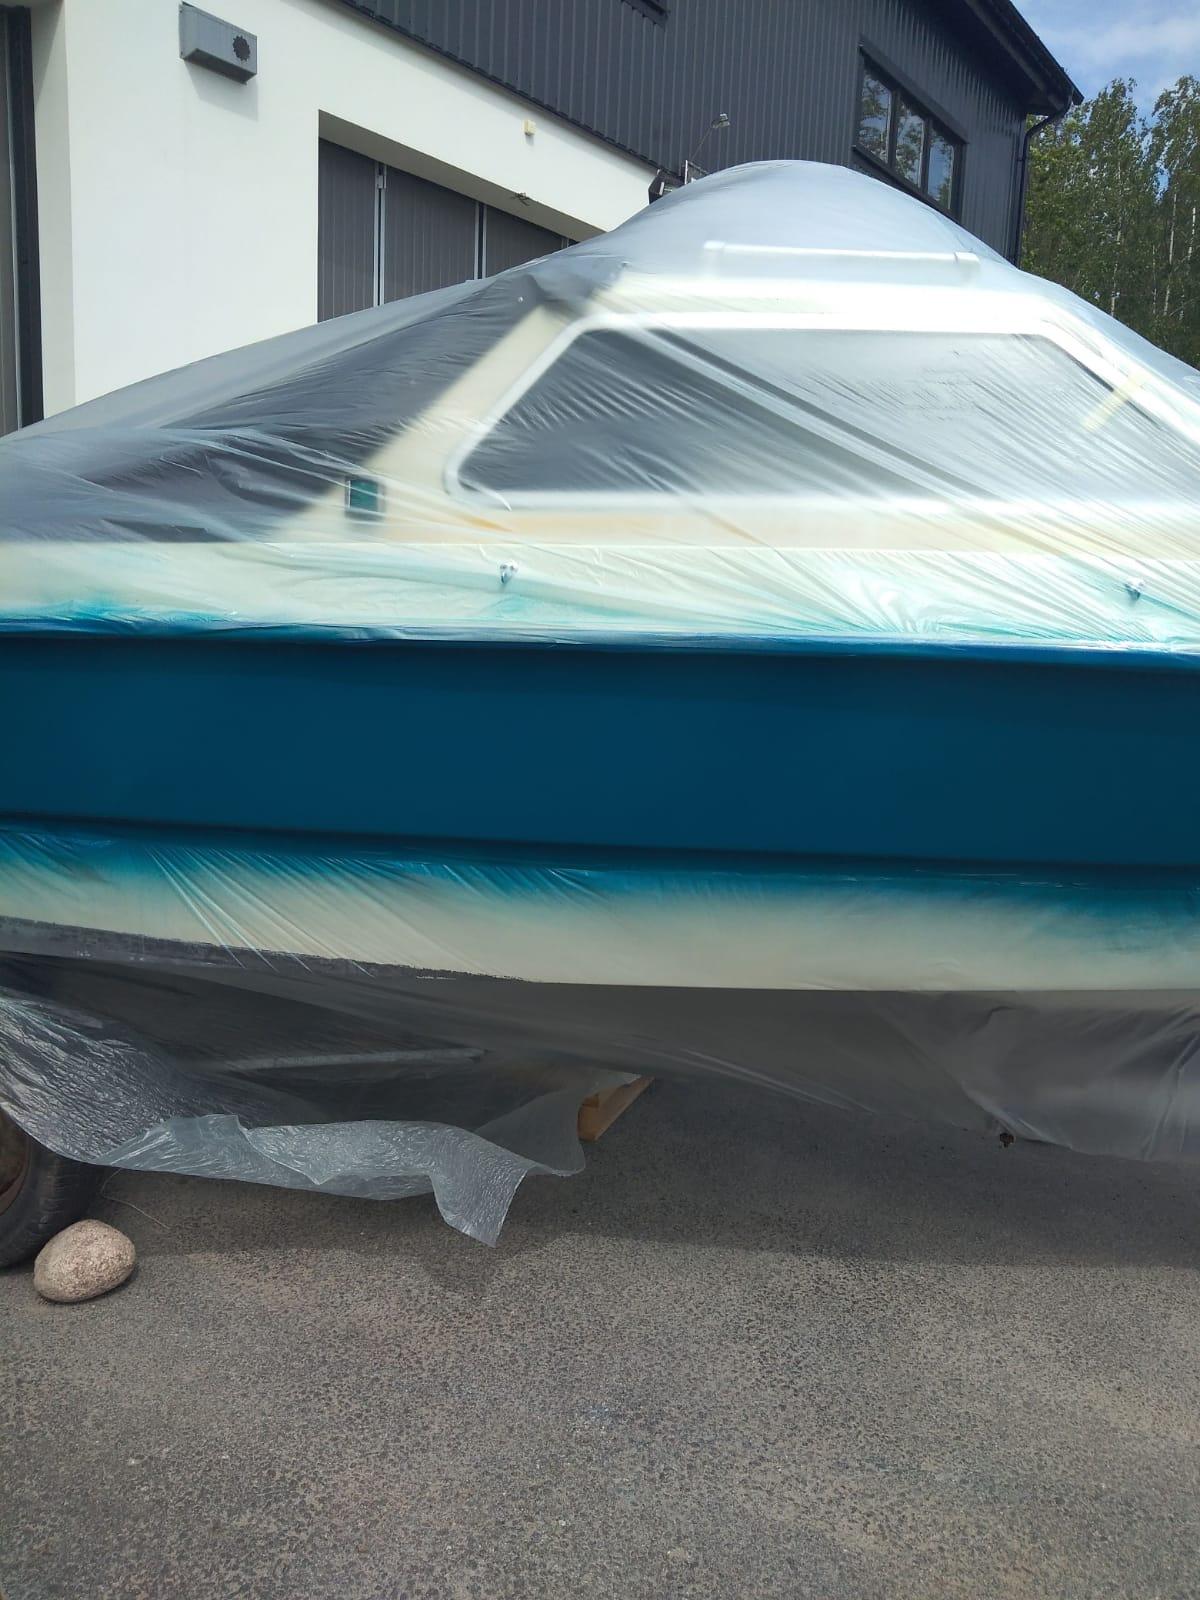 lackering av båt skrov